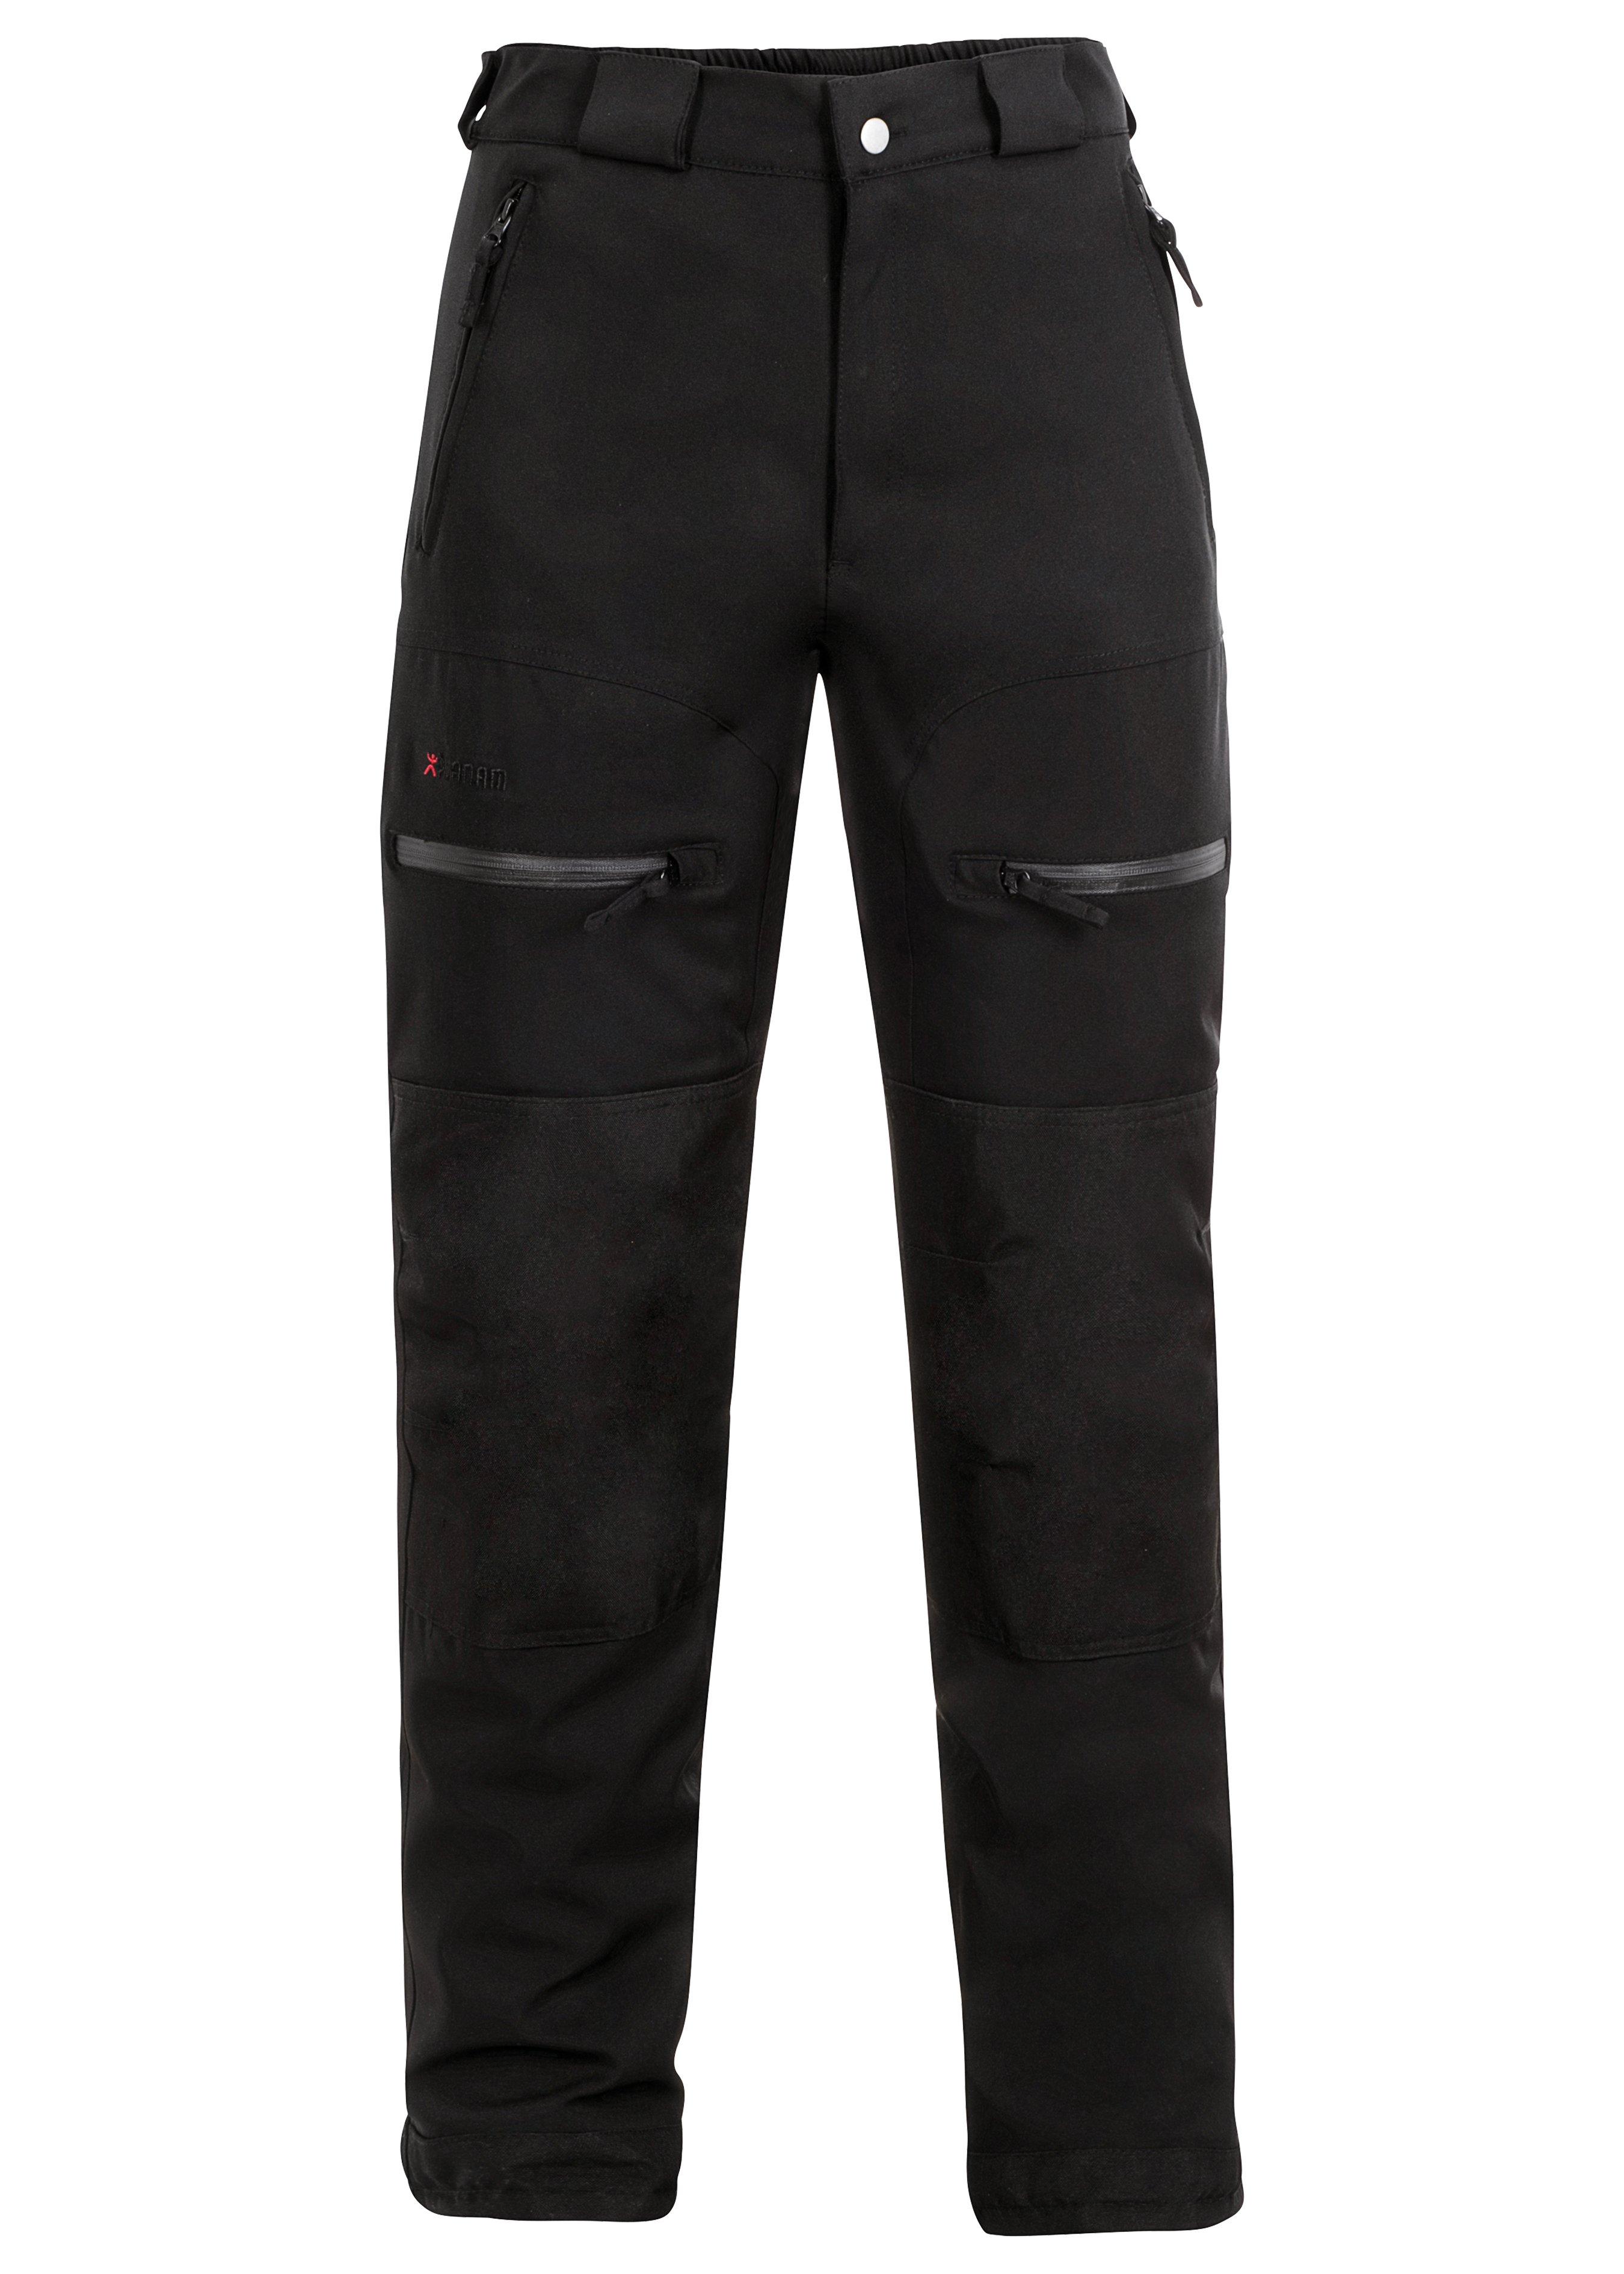 Pantalon de travail thermique d'hiver Slope 219910L 1